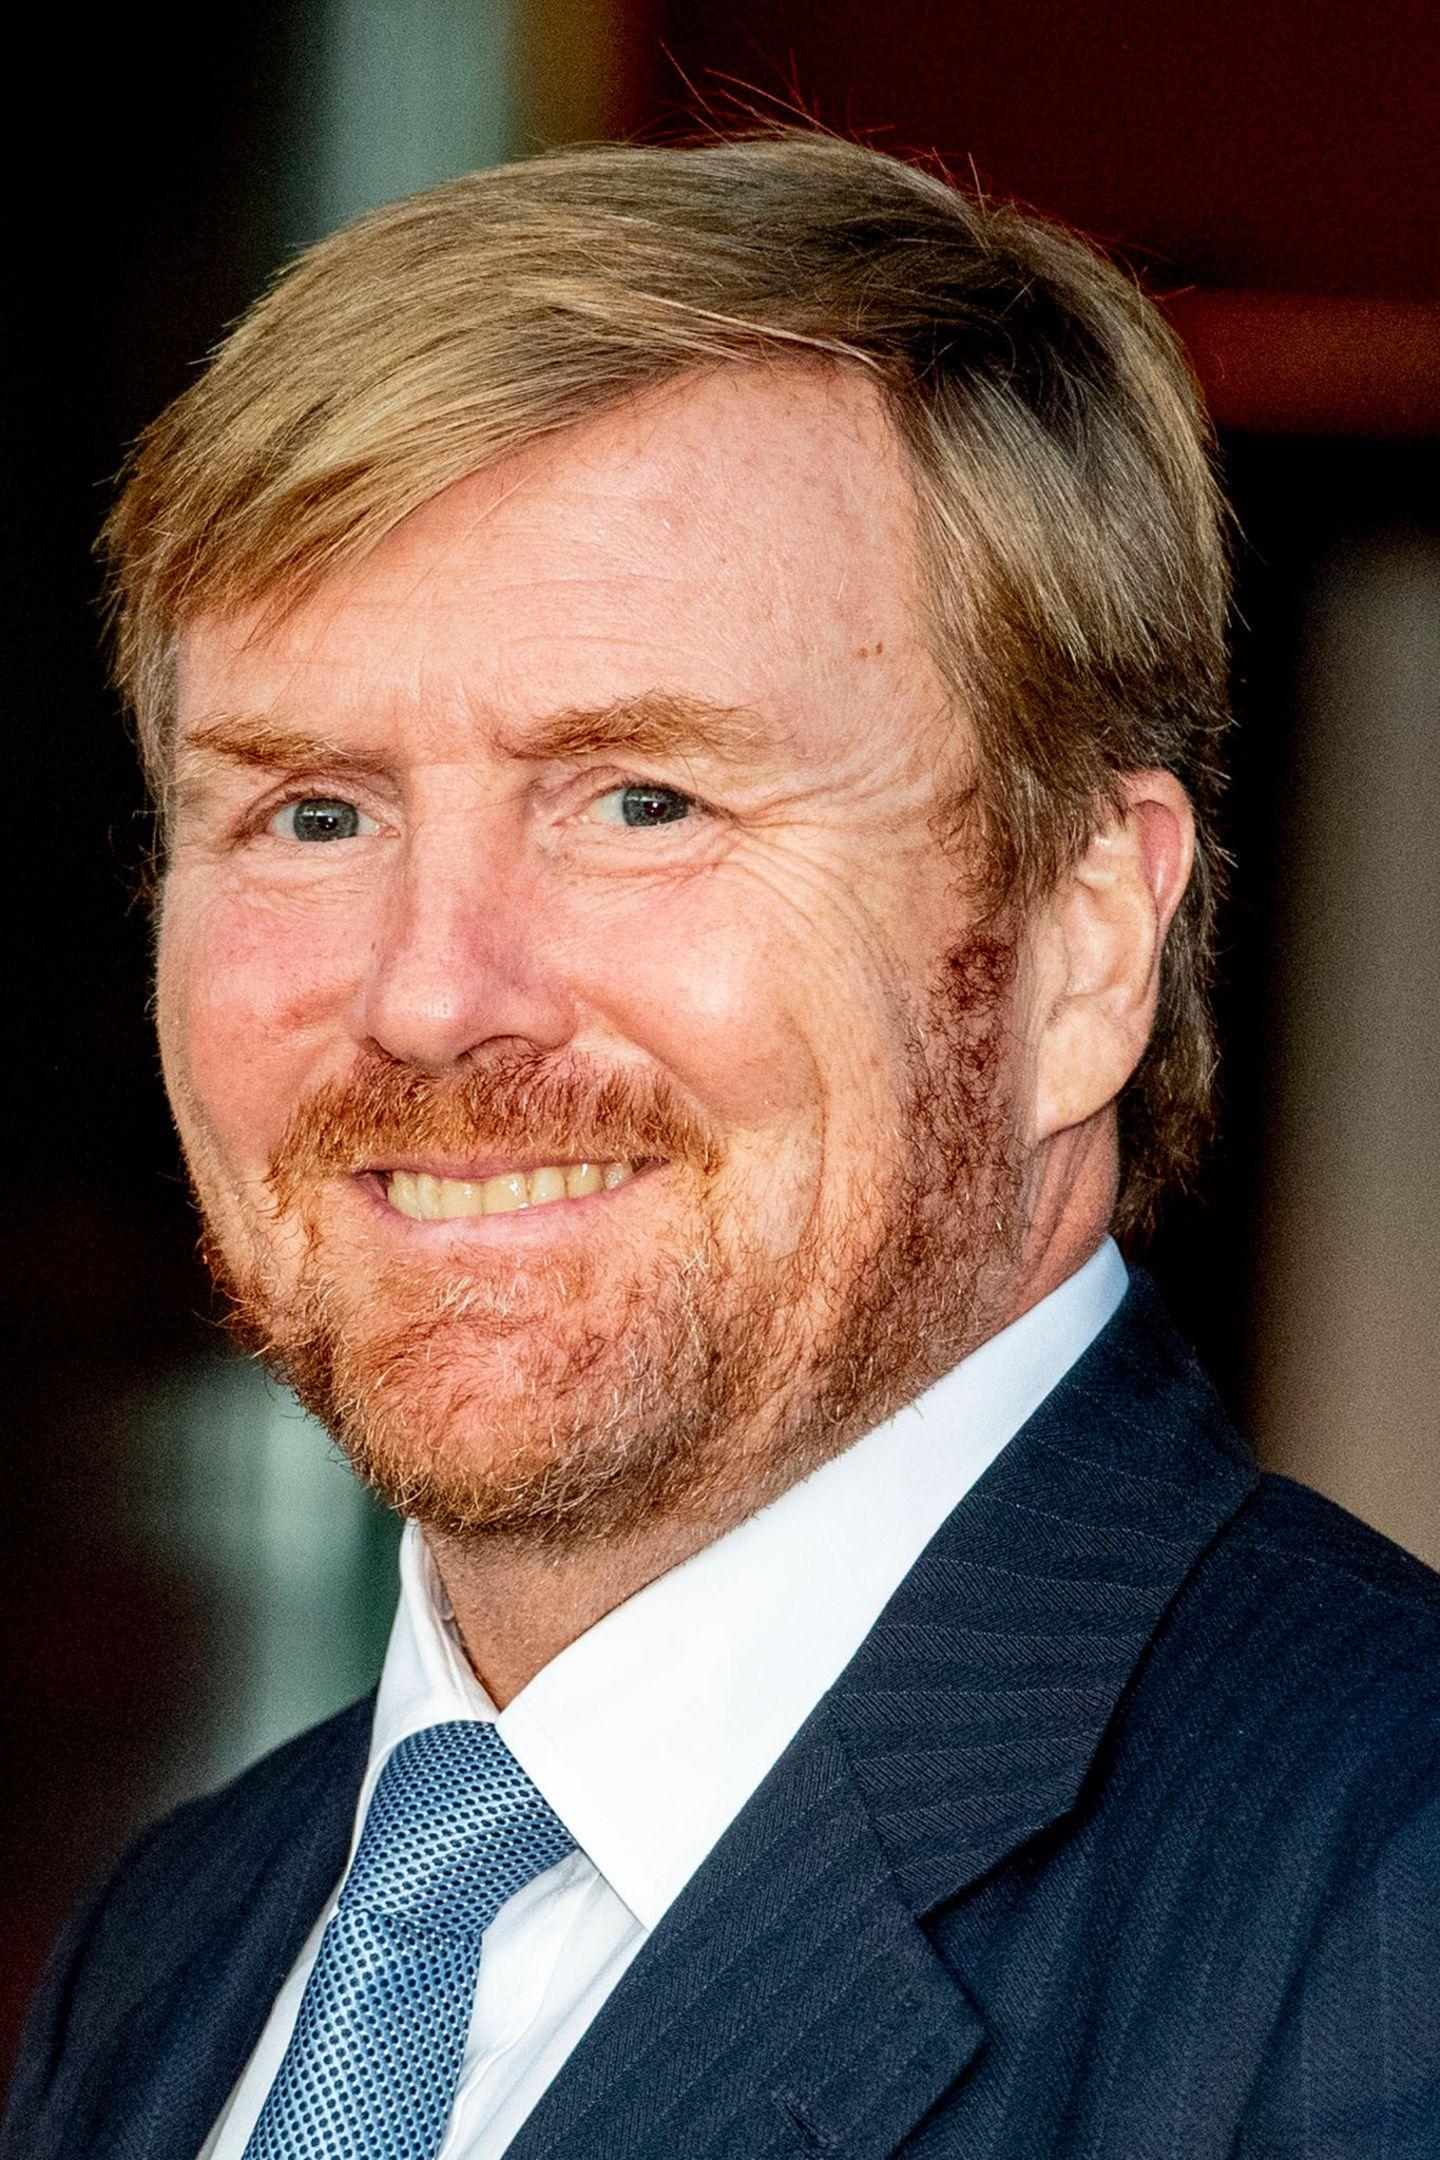 Promis mit und ohne Bart: König Willem-Alexander mit Bart